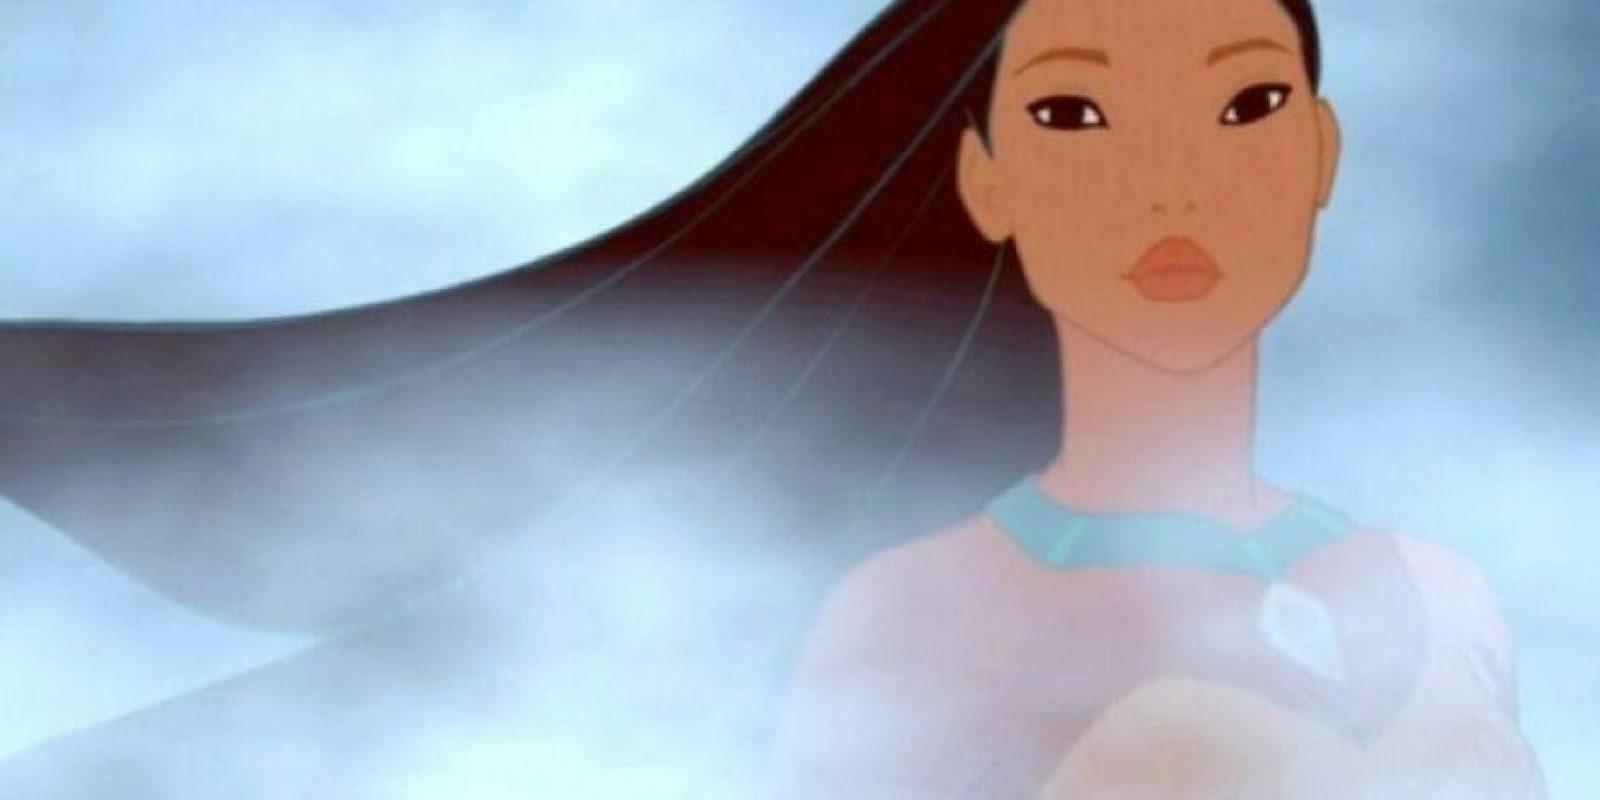 3. Pocahontas. Ella puede sobrevivir en la naturaleza. Ella va más allá de los límites raciales. Además, también adquirió esta clase de habilidad misteriosa para simplemente saber las cosas y entender el mundo. Ella realmente debería iniciar una religión. Yo me apuntaría. Foto: Buzzfeed